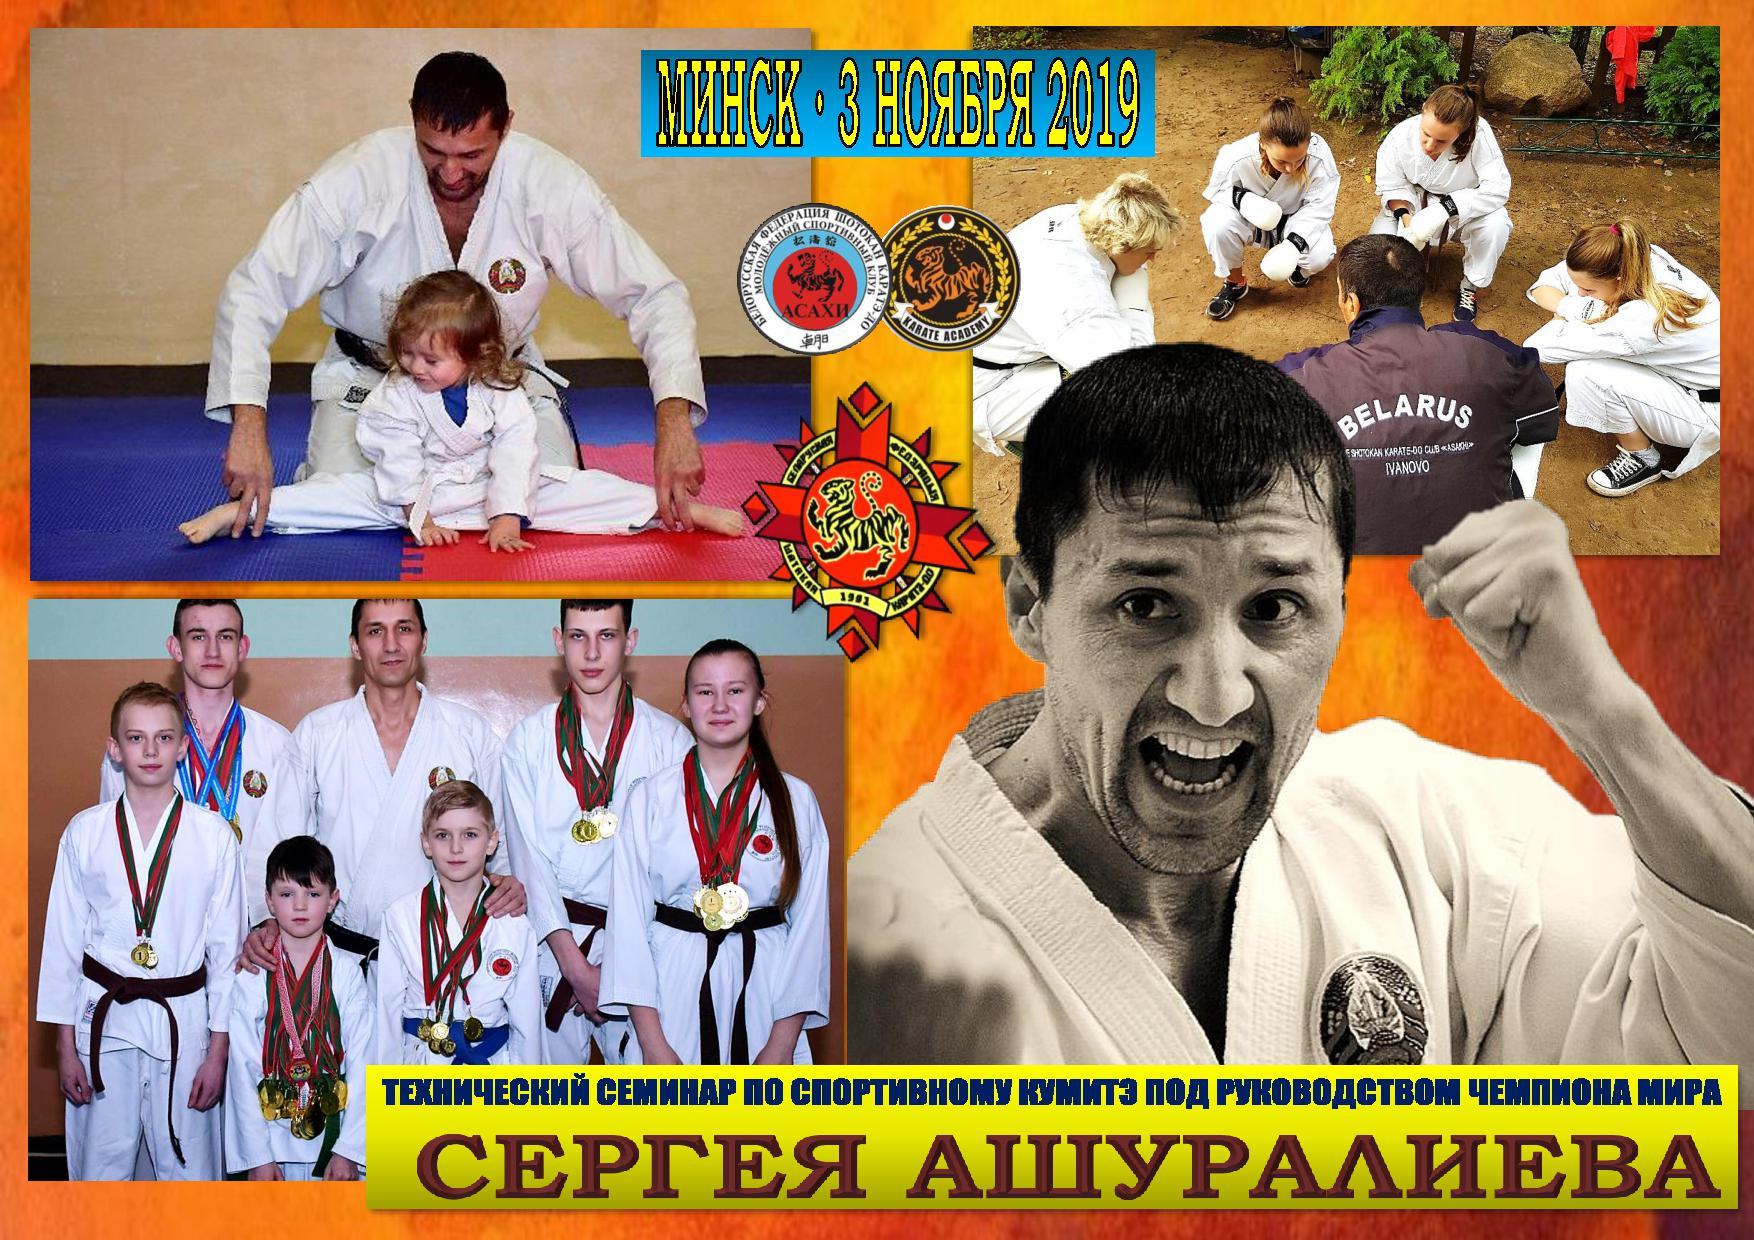 3 ноября 2019 года, Минск, Технический семинар по спортивному кумитэ С.Ашуралиева-2019